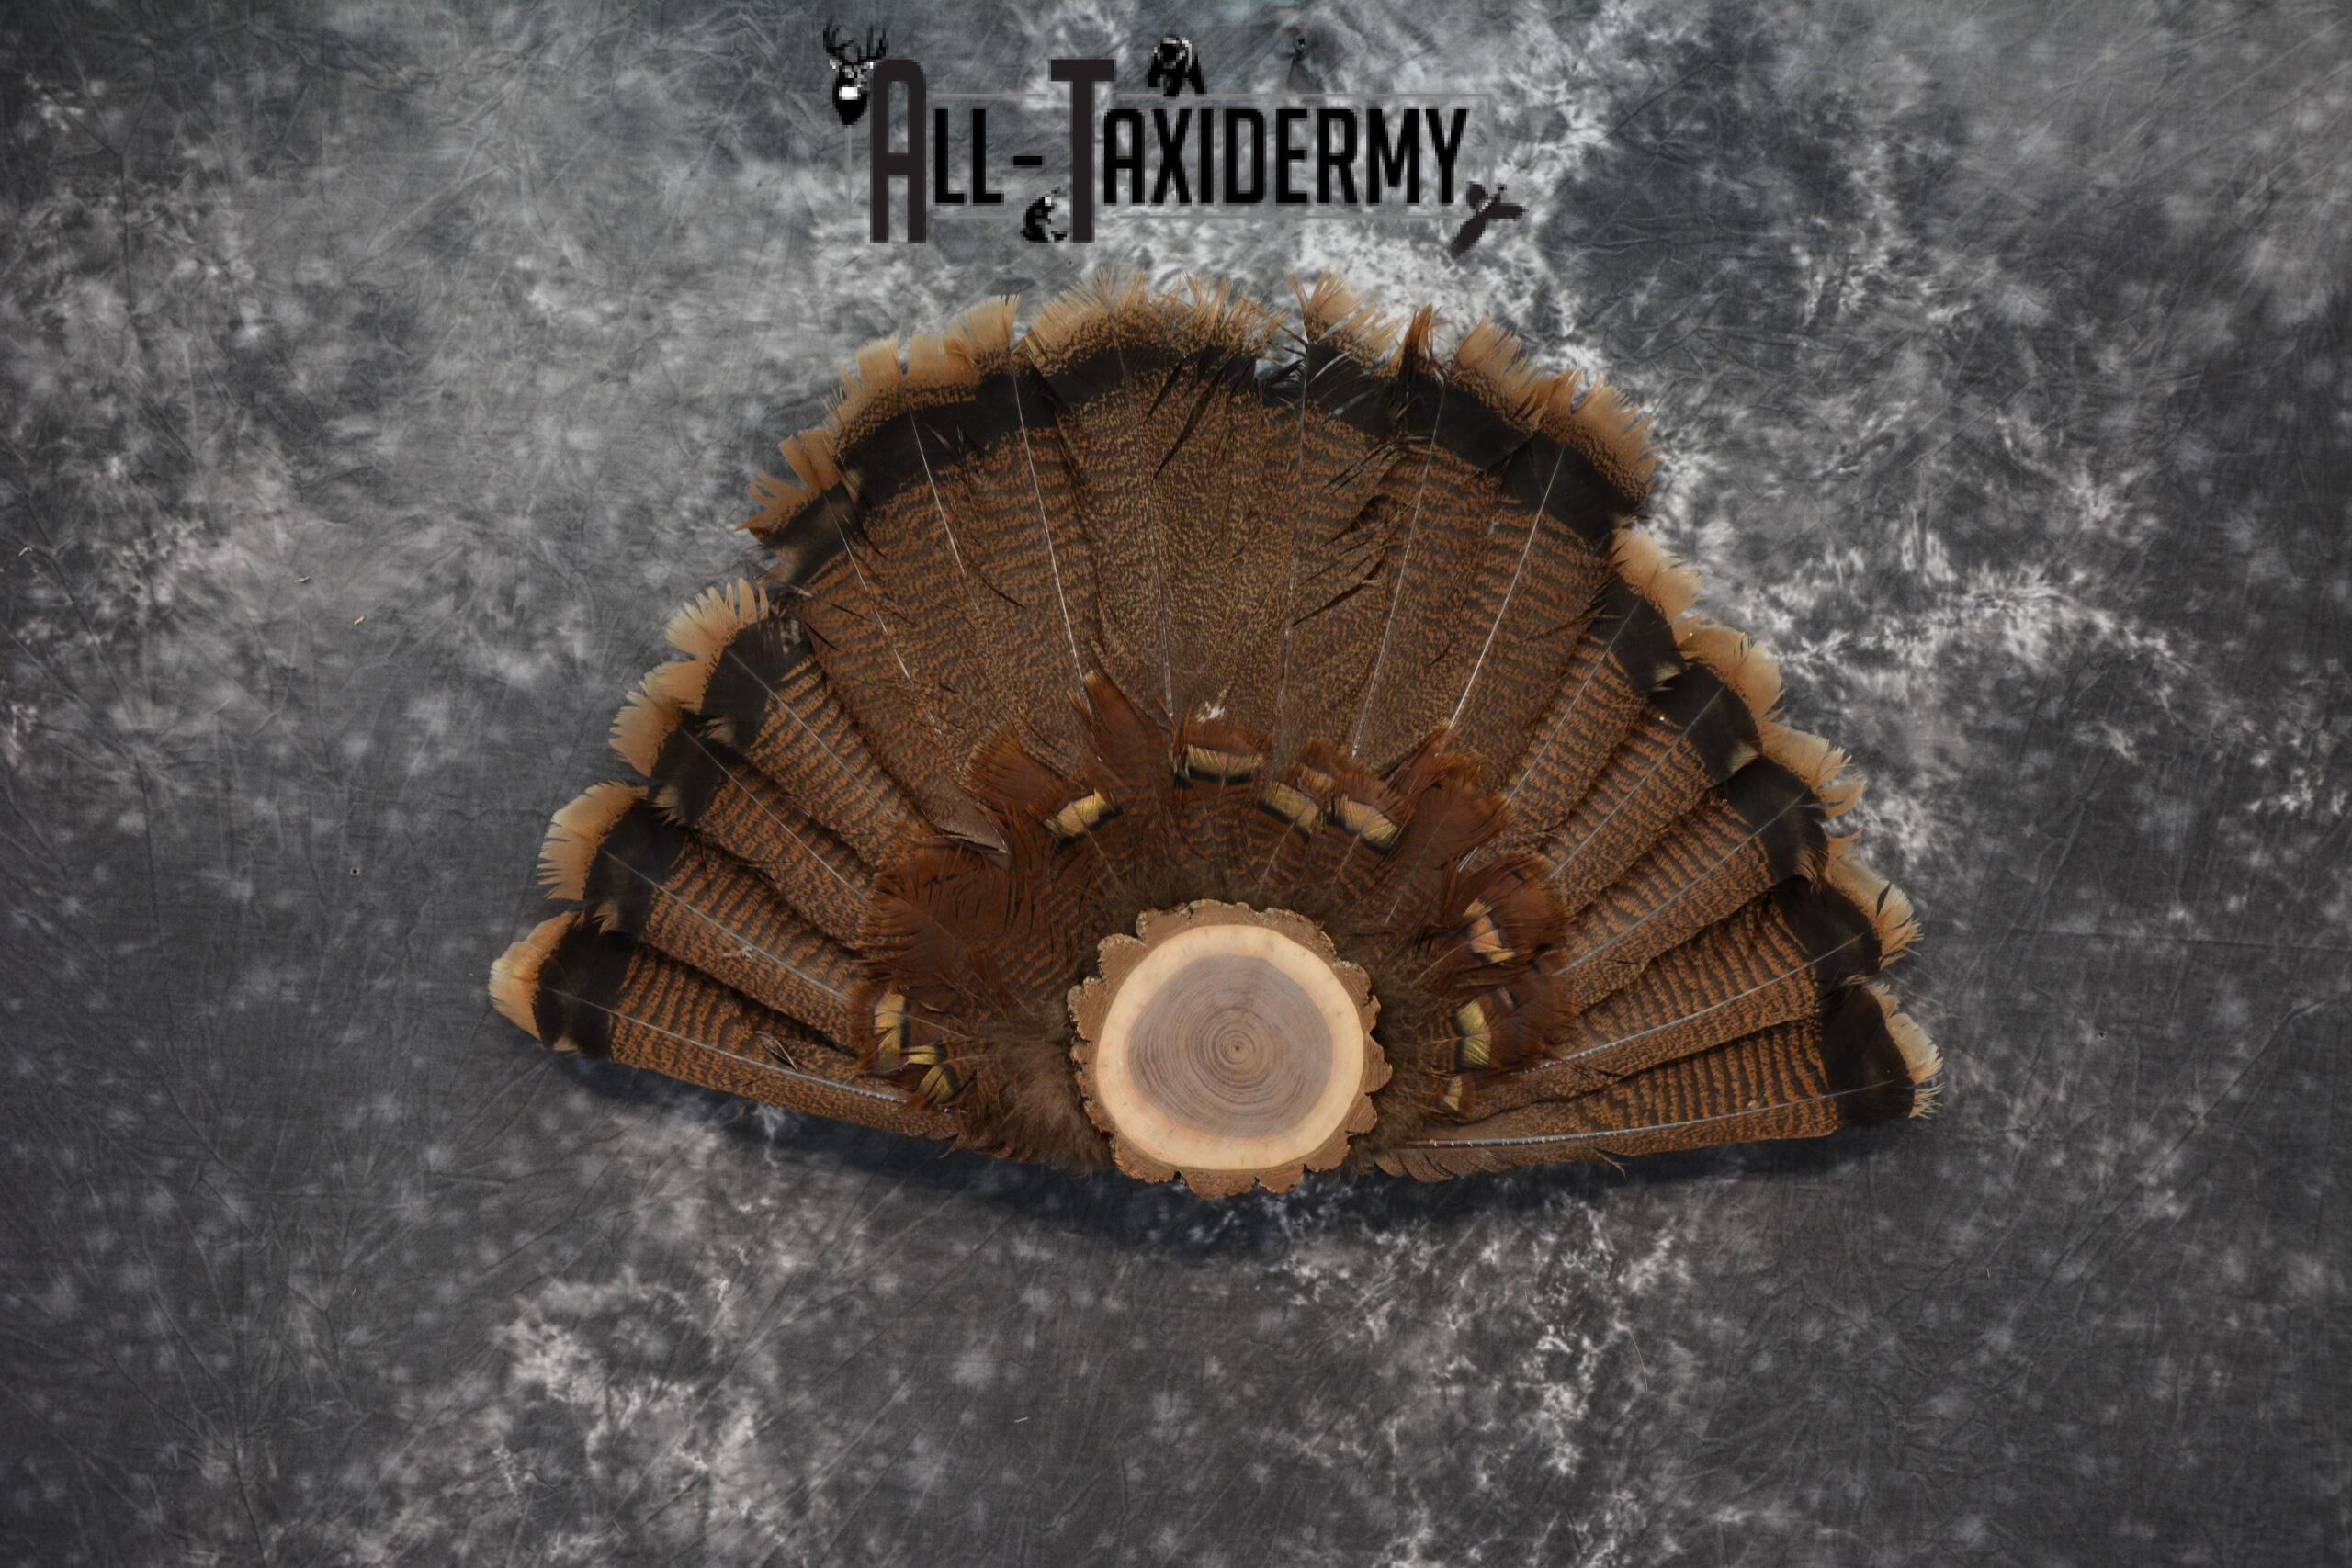 Eastern turkey taxidermy tail fan for sale SKU 1237